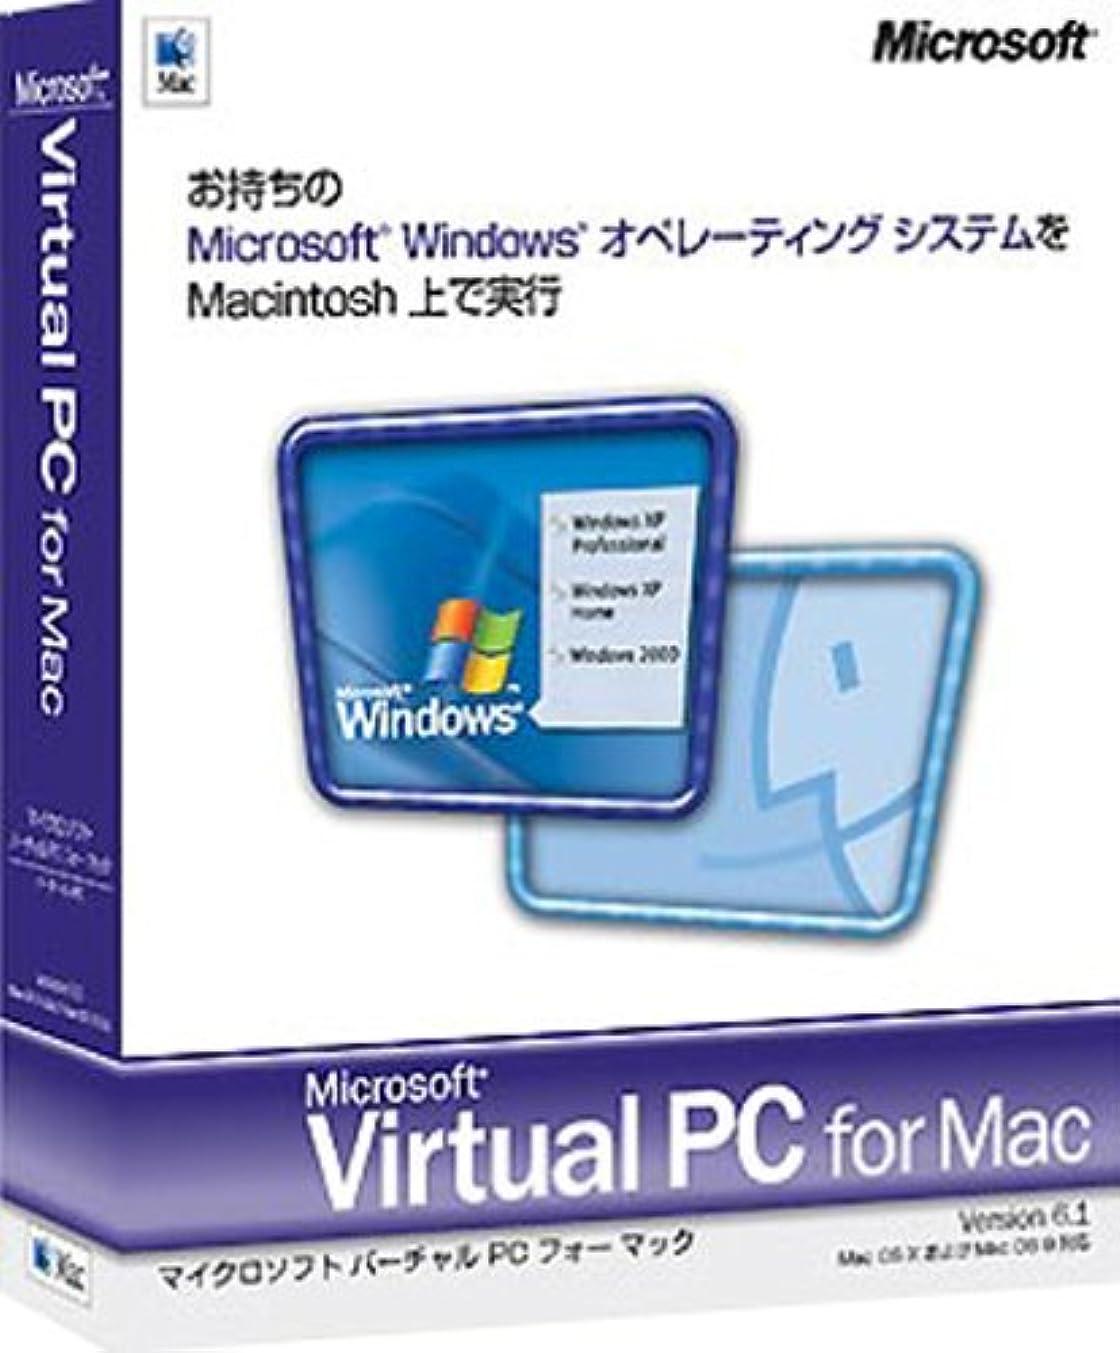 オッズリハーサル広告するMicrosoft Virtual PC for Mac Version 6.1